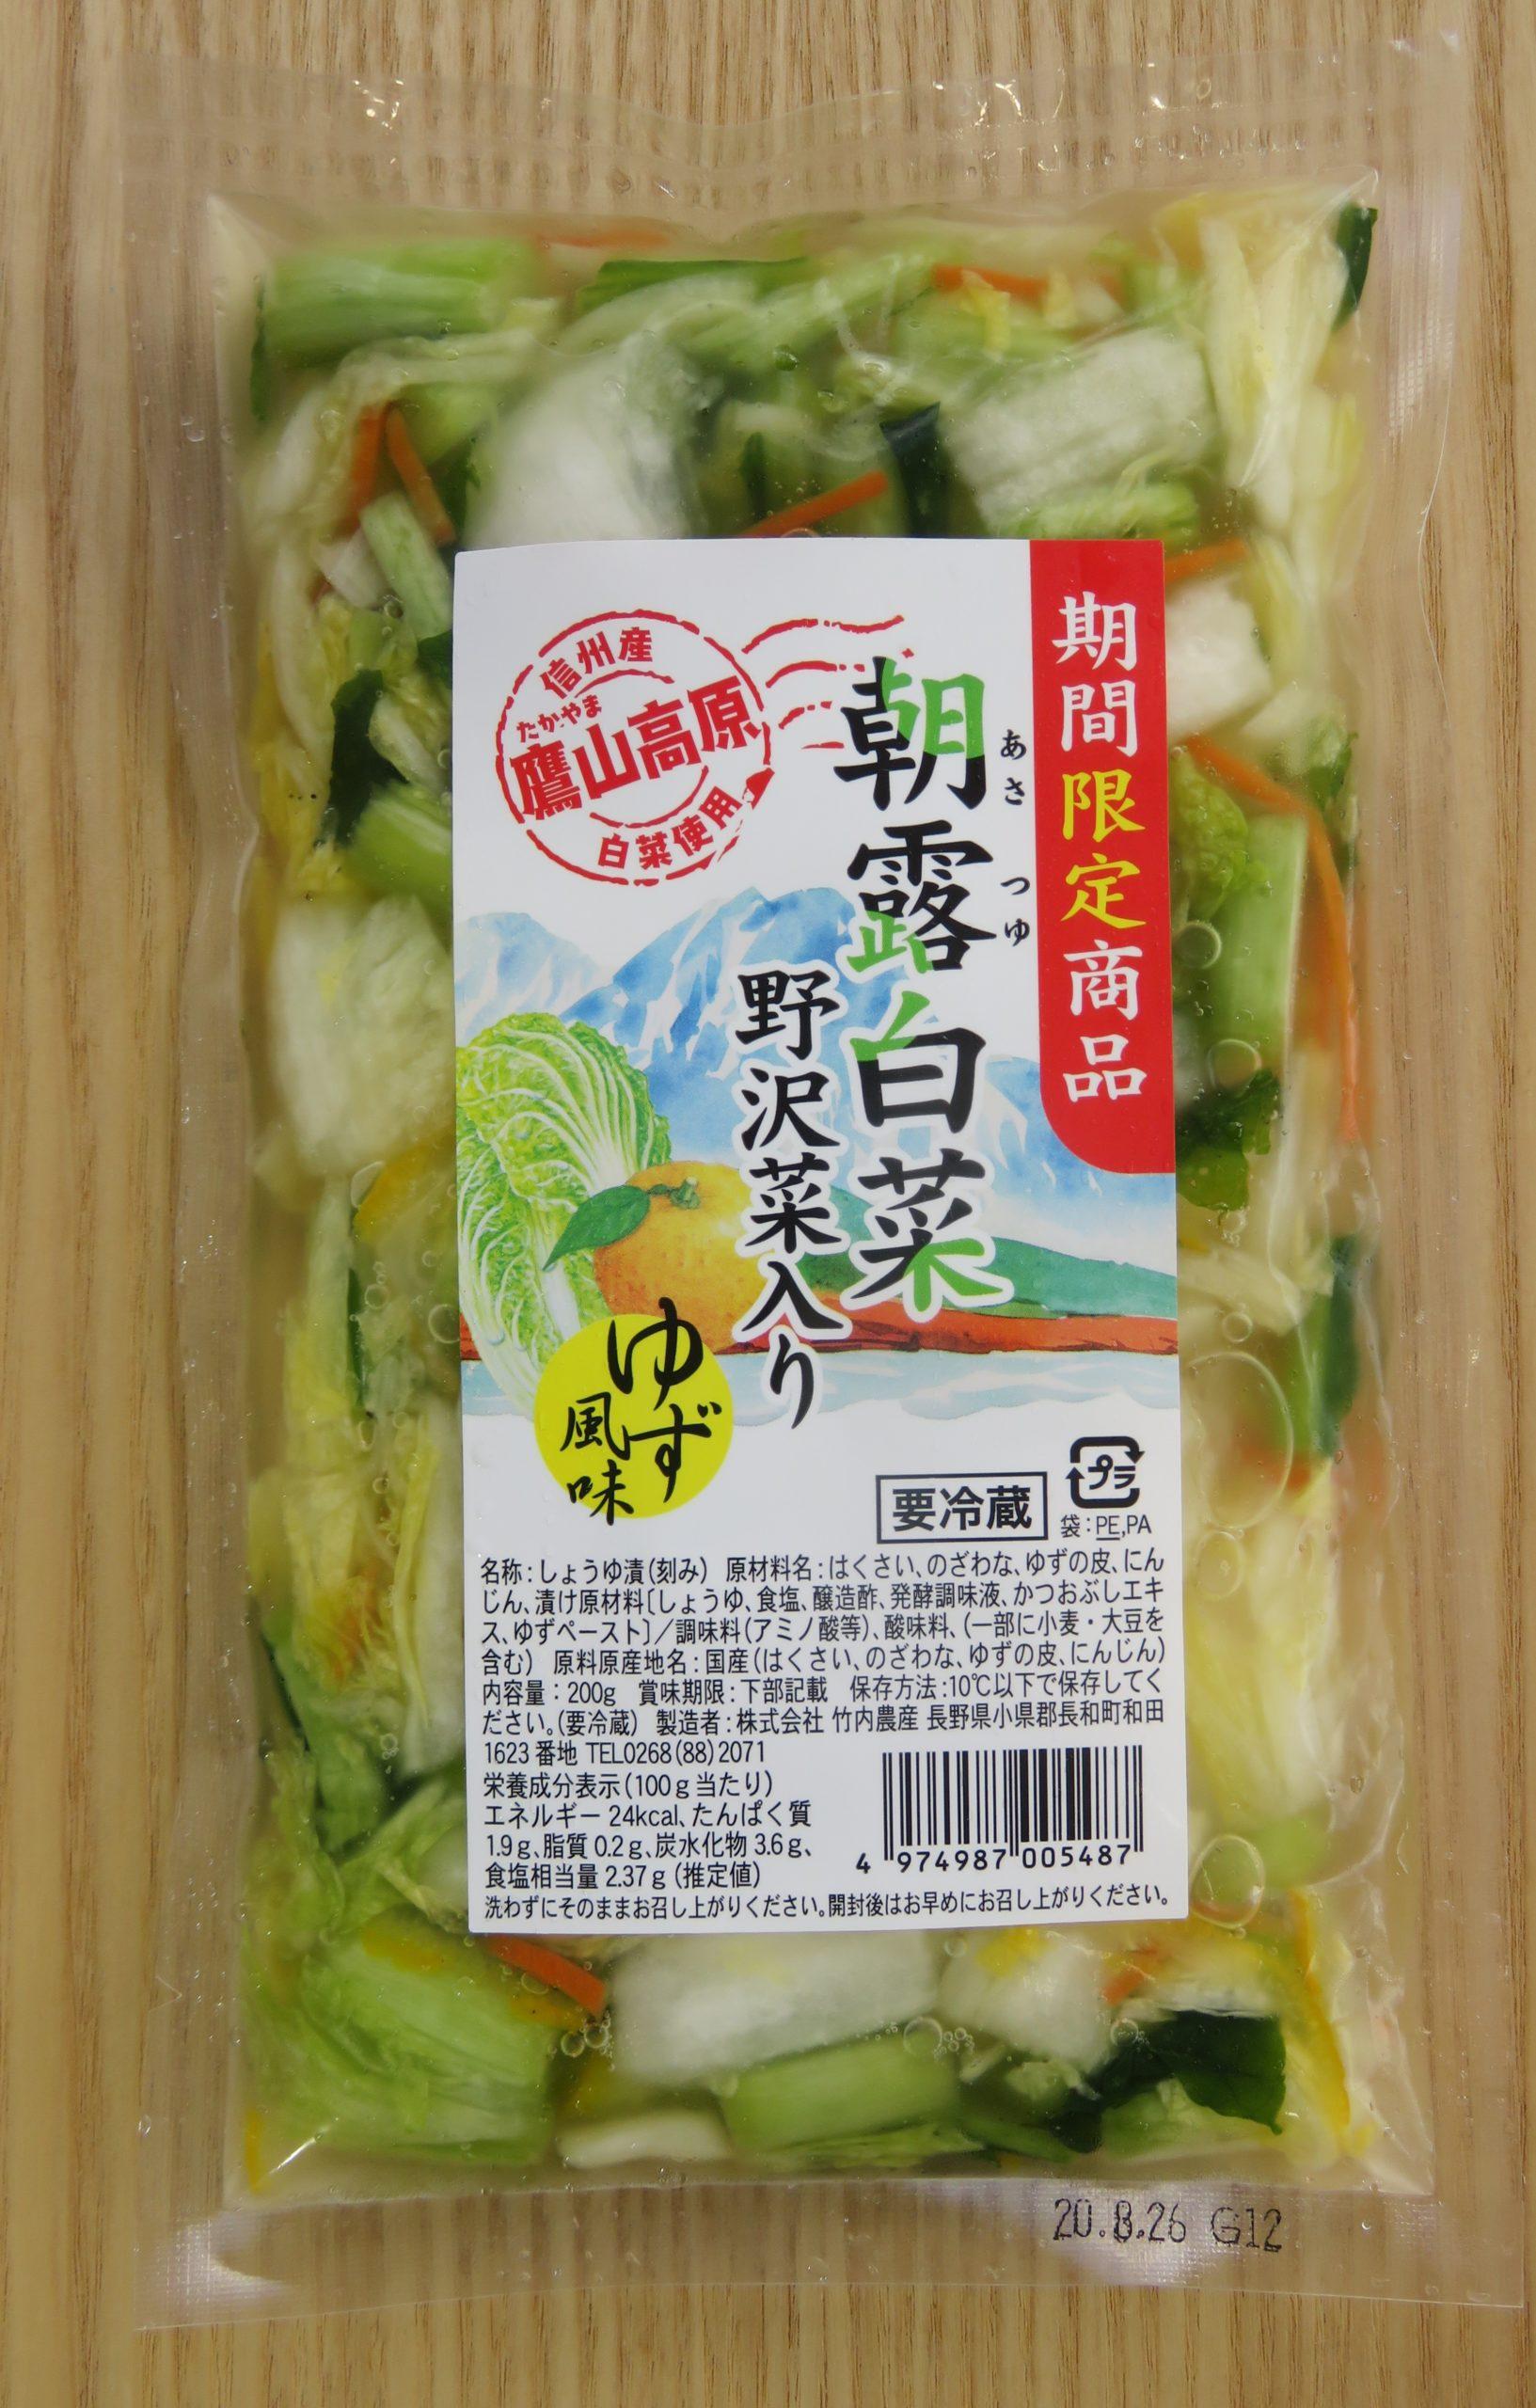 朝露白菜(野沢菜入り)